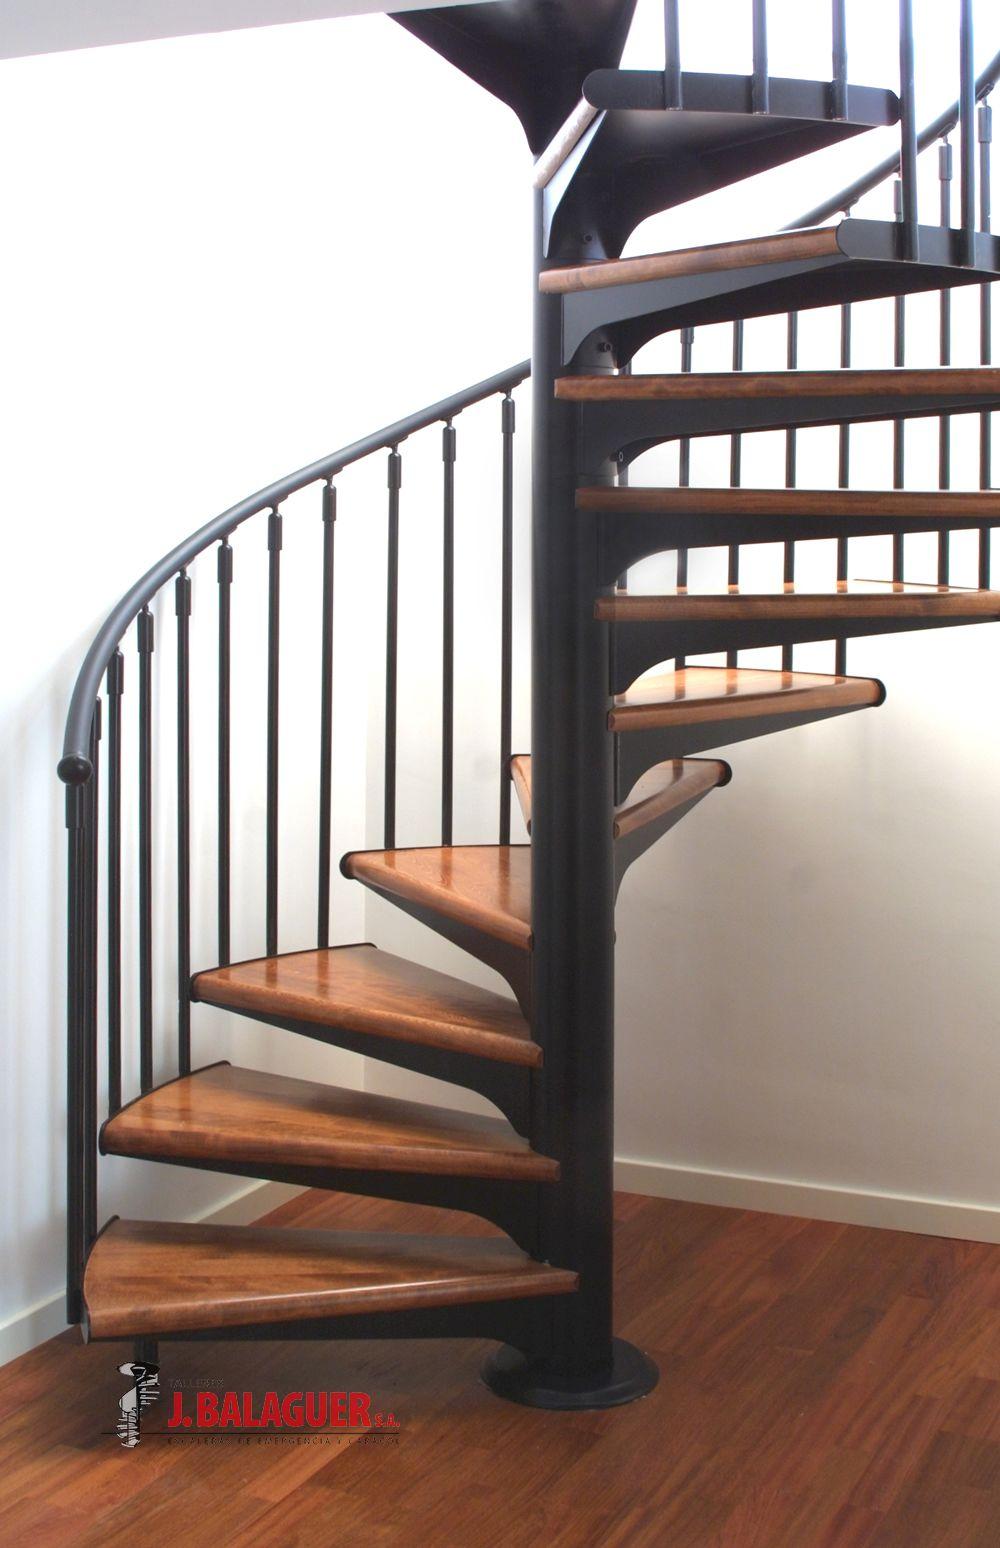 Spiral staircase escaleras balaguer - Fotos de escaleras caracol ...